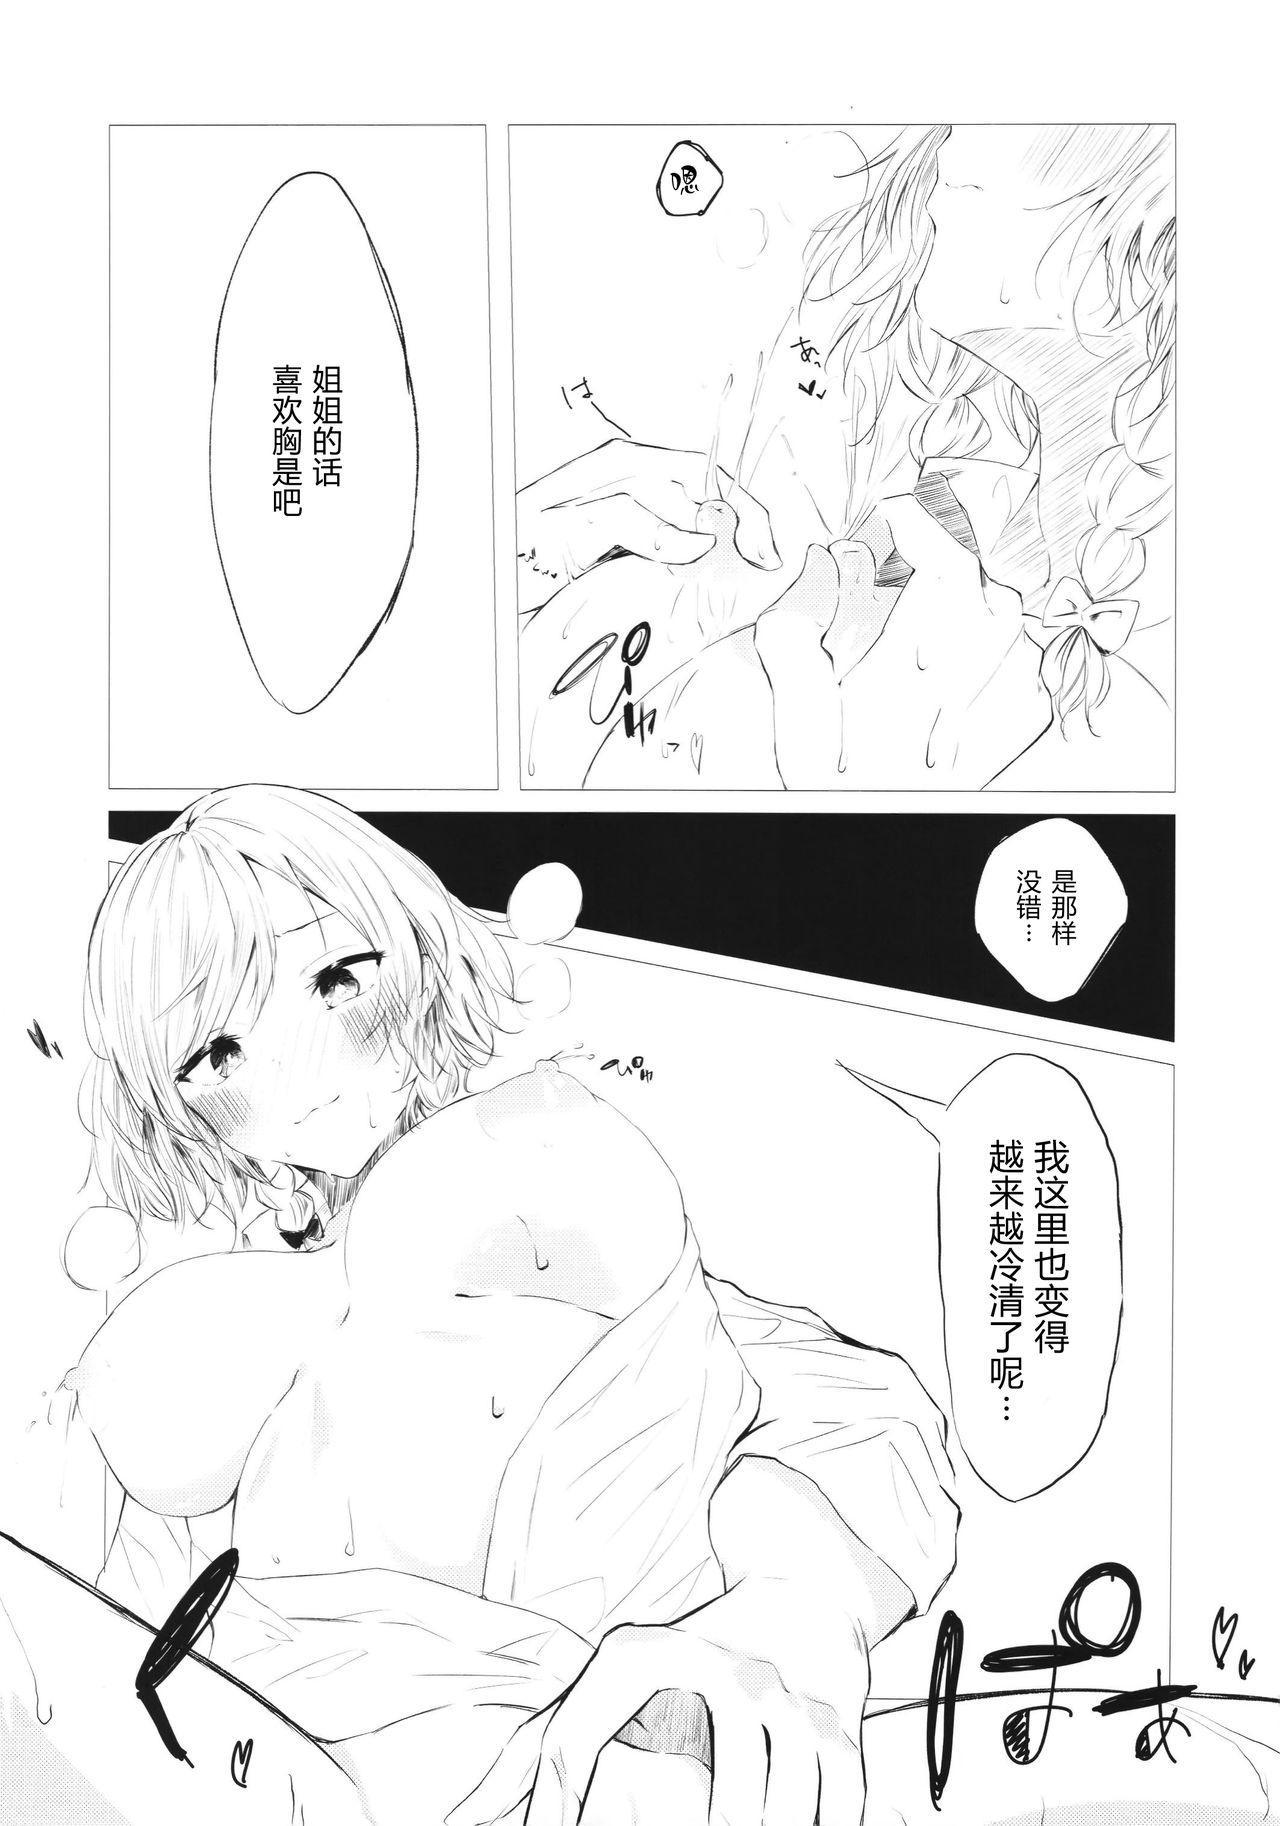 氷川姉妹18禁合同「今日は一緒に寝てもいい?」 31